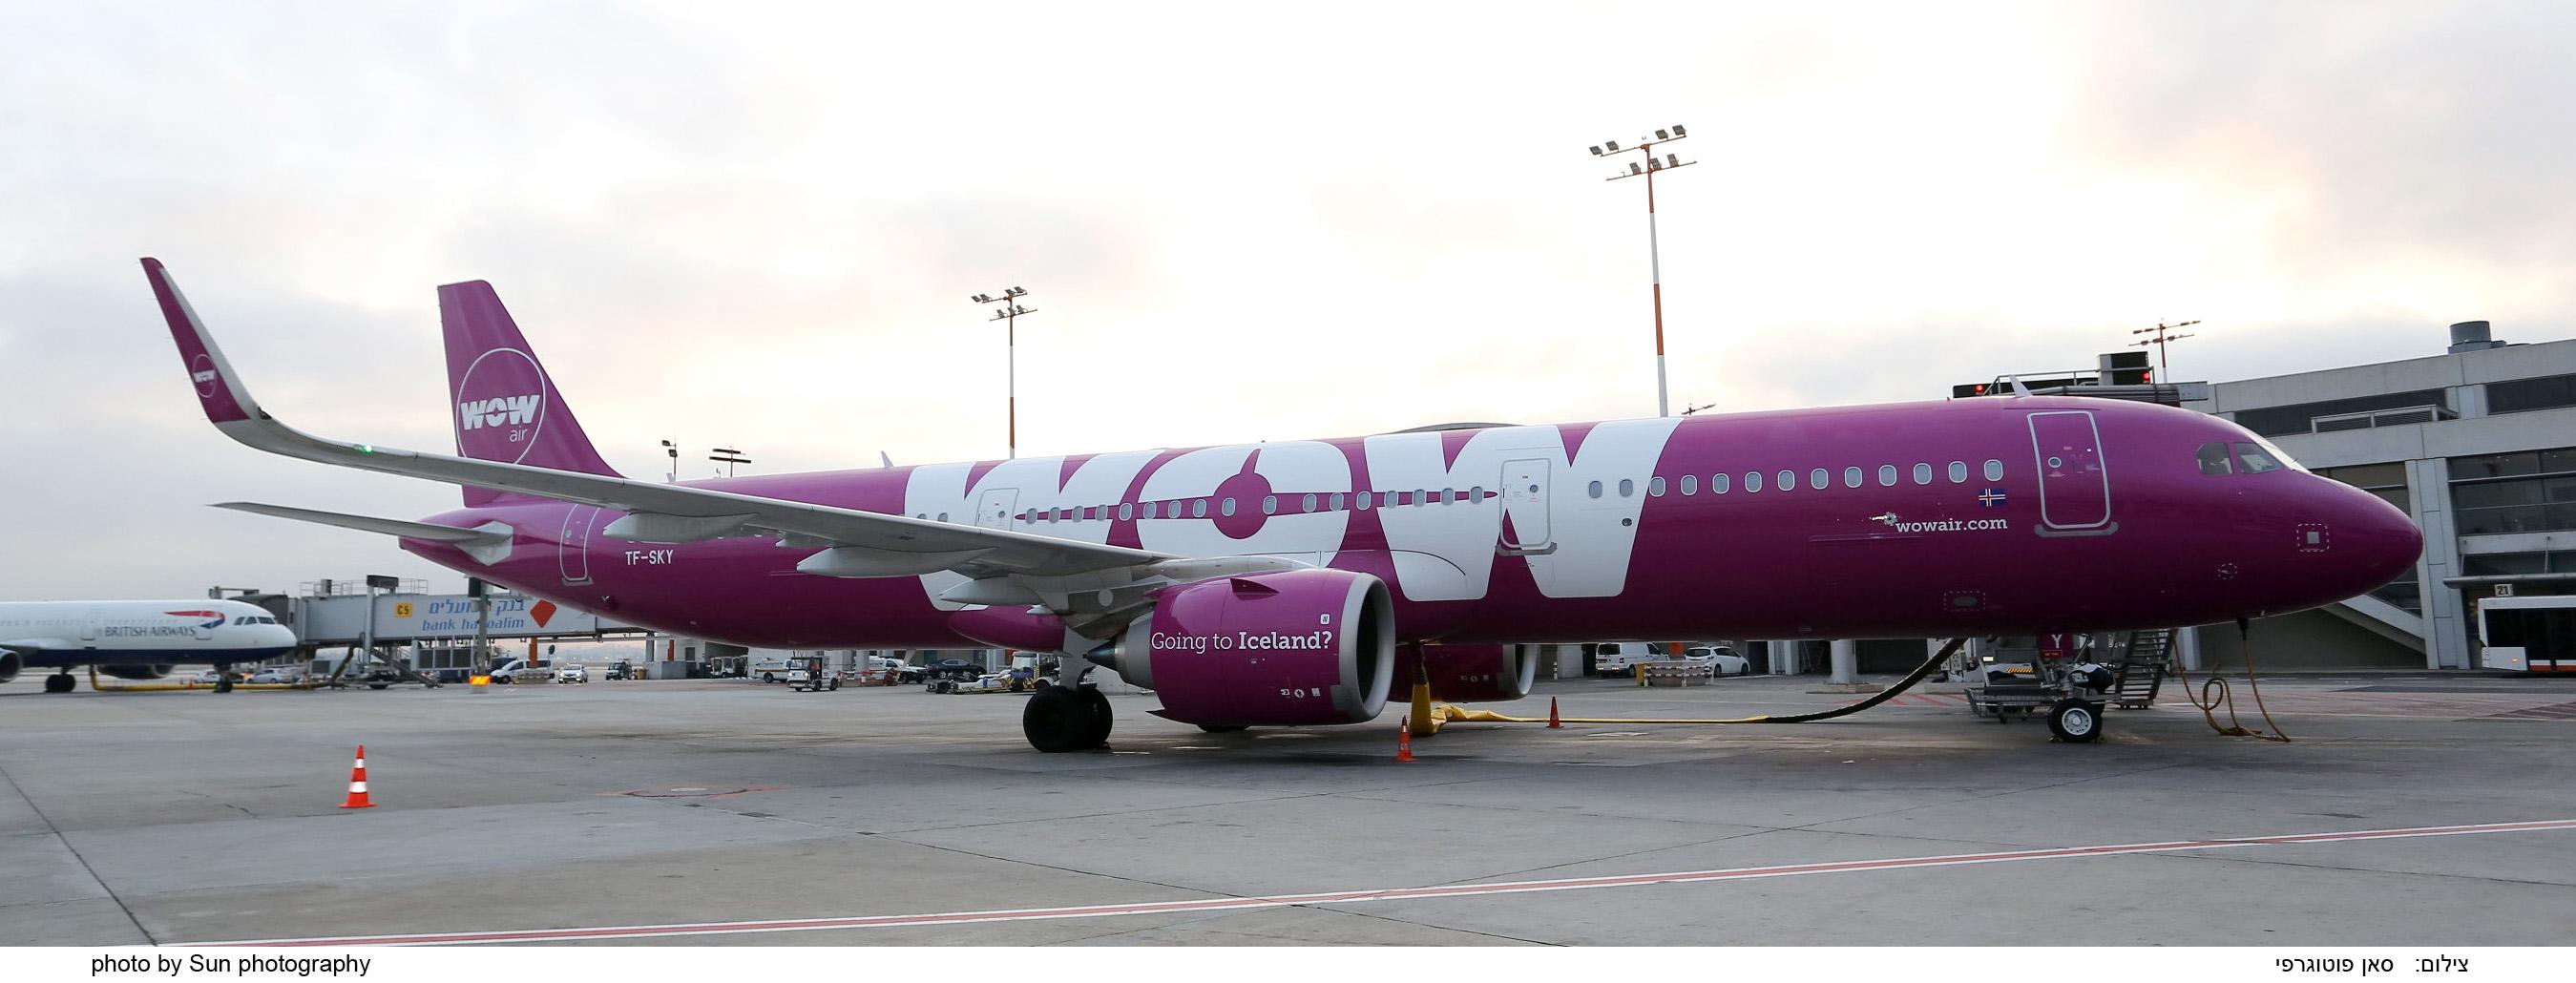 """מטוס האיירבוס A321 neo בנתב""""ג הבוקר (צילום: סיון פרג')"""